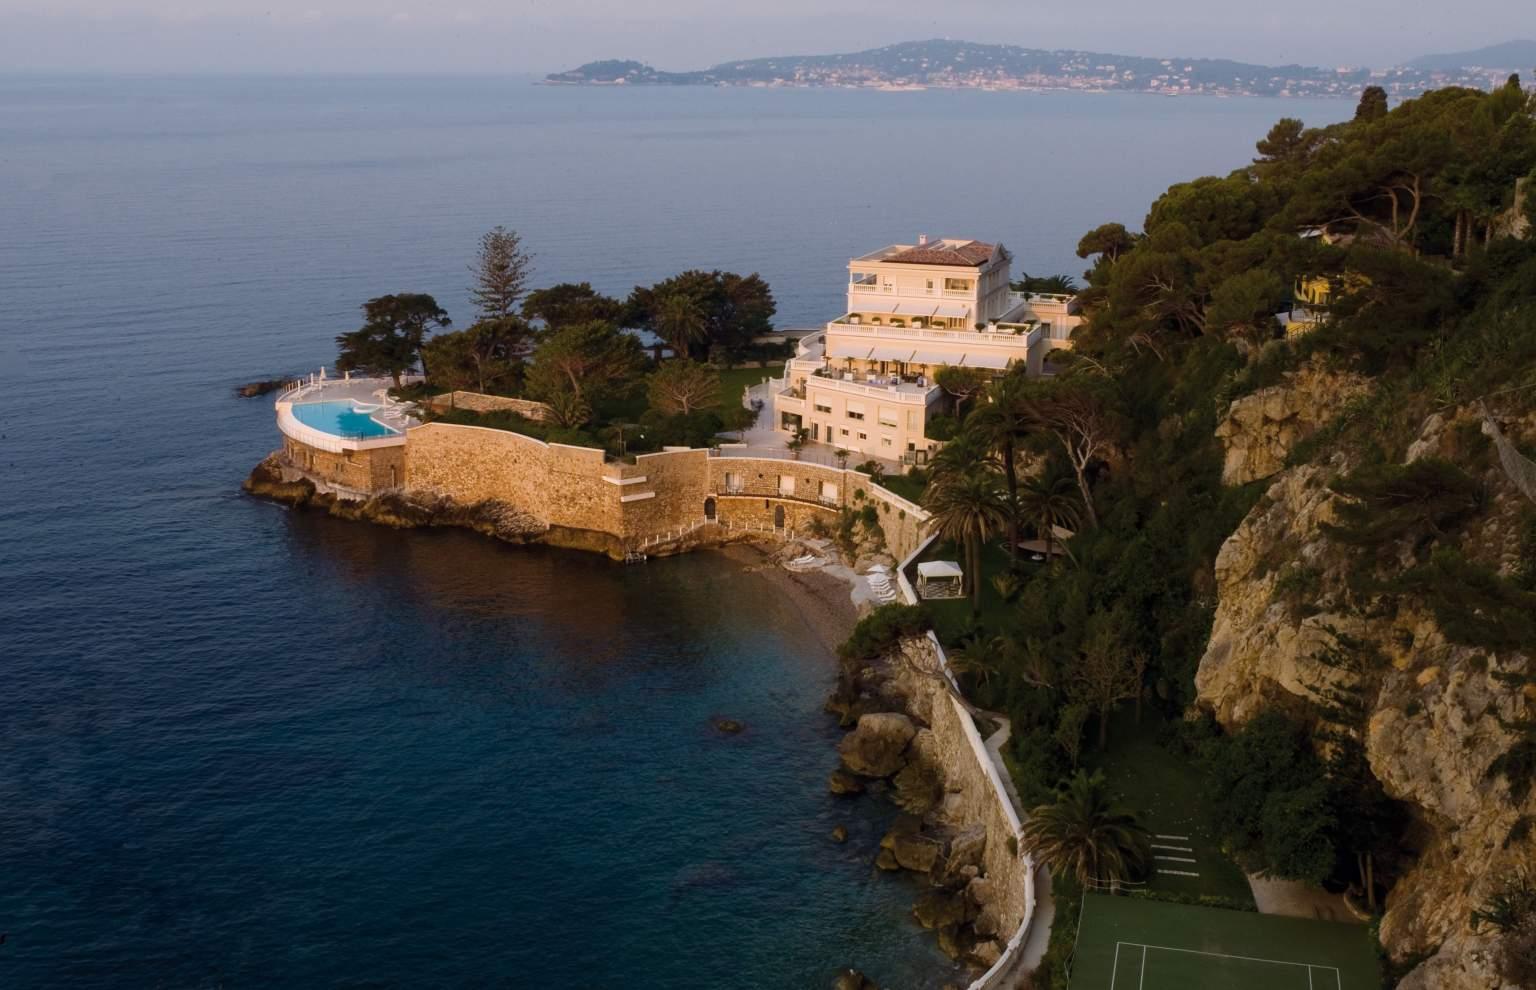 cap-estel-luxury-hotel